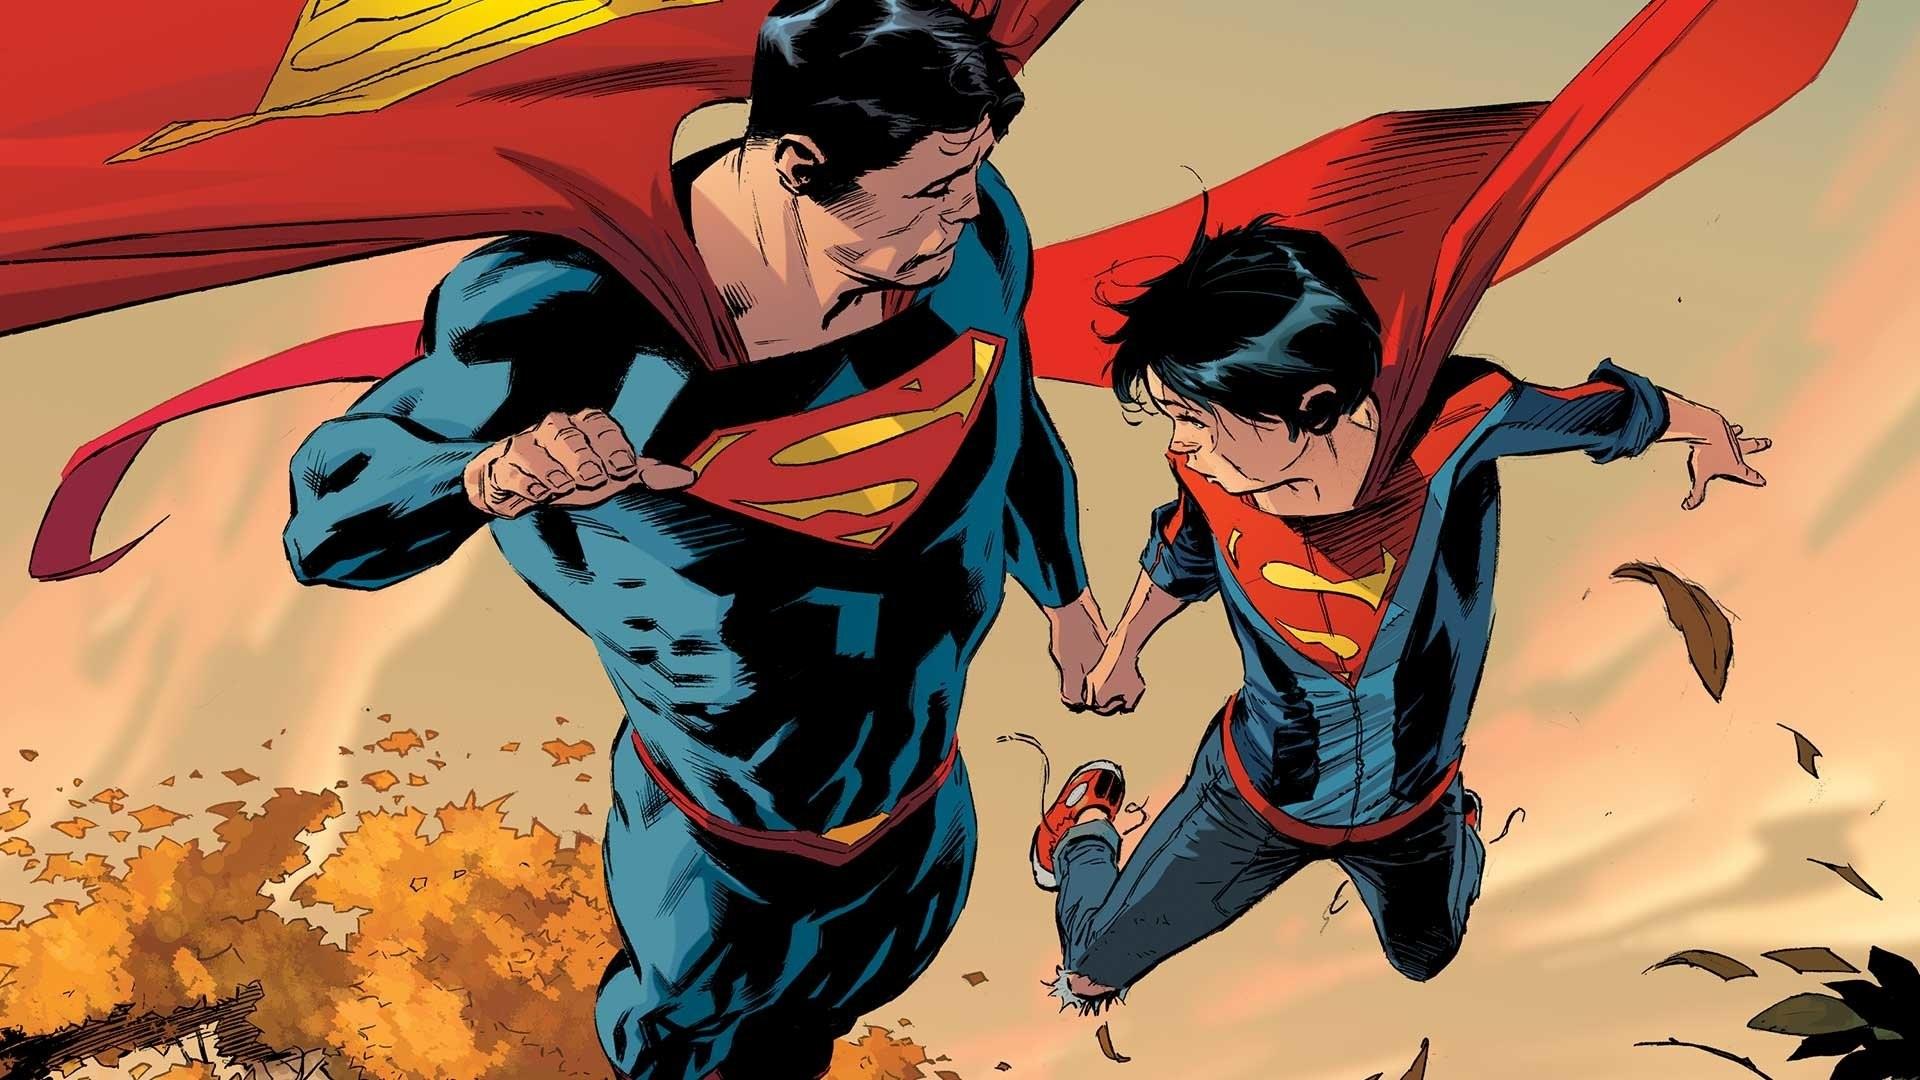 Res: 1920x1080, Comics - Superman Superboy DC Comics Wallpaper